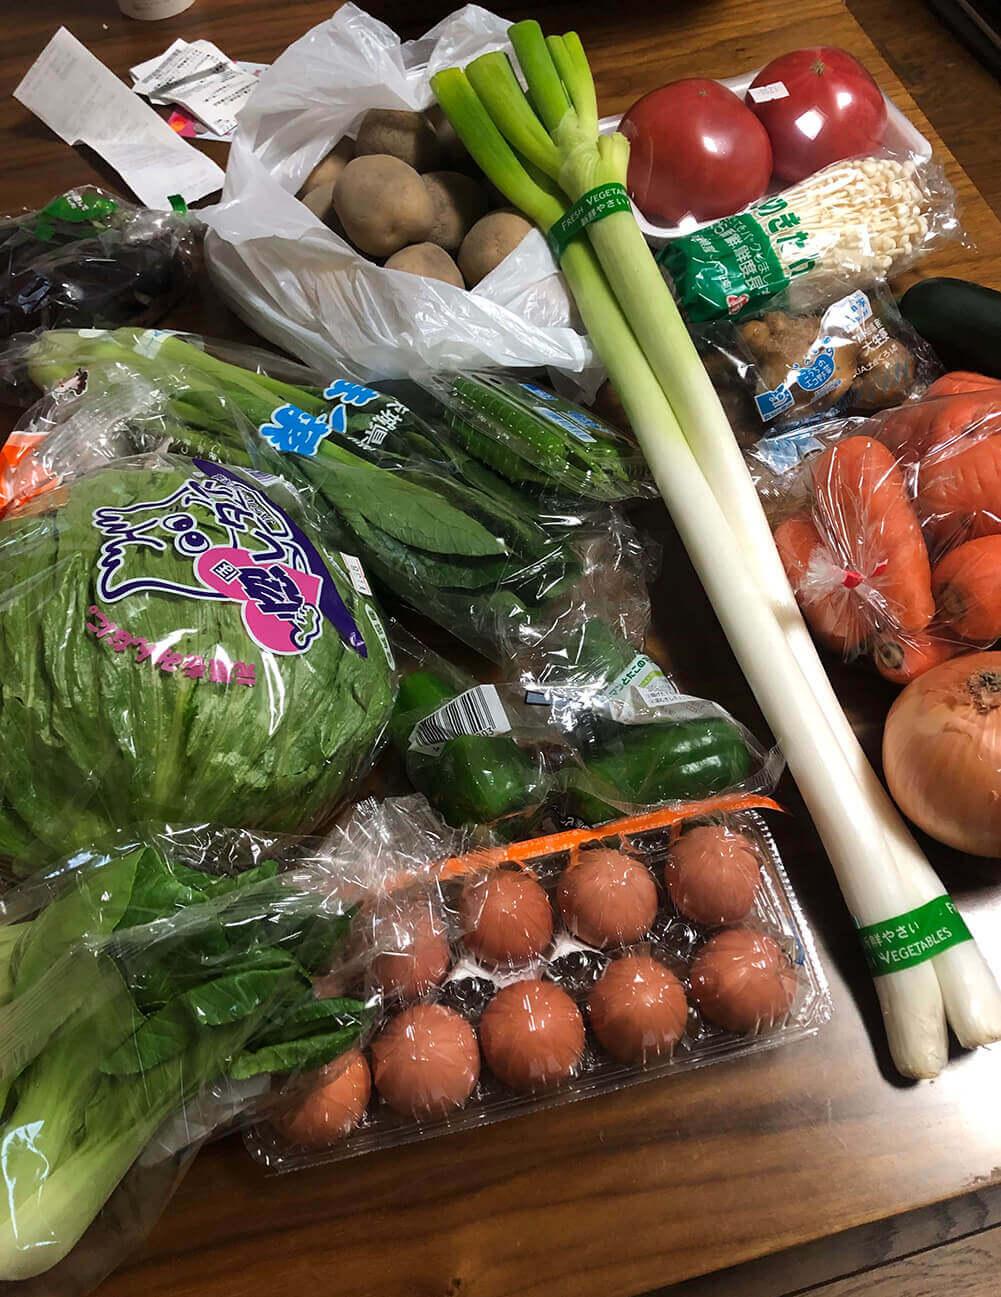 フルーツ&ベジー太子堂村で購入した野菜たち